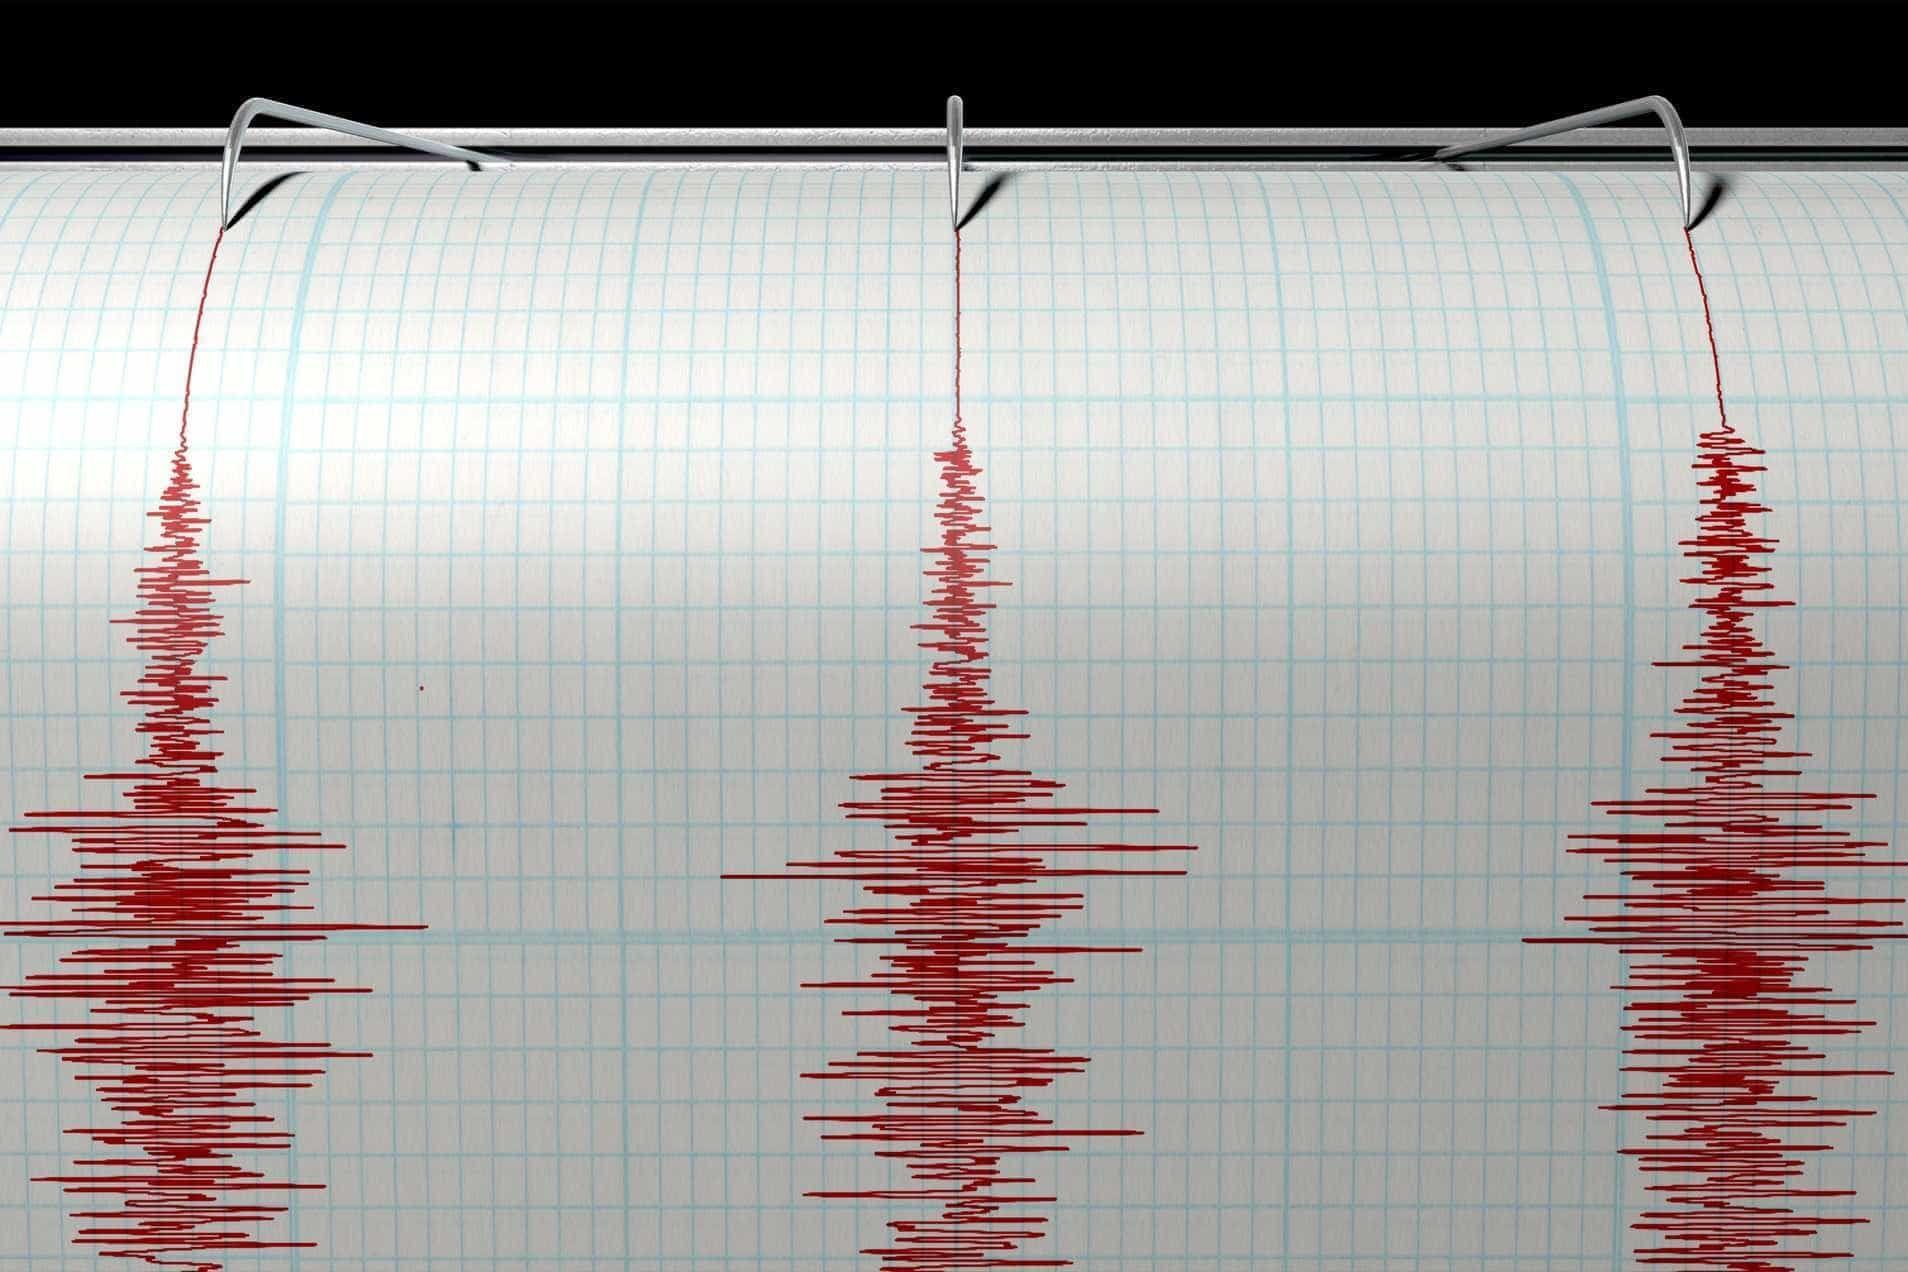 Sismo de magnitude 7.5 sentido no Equador, Colômbia e Peru